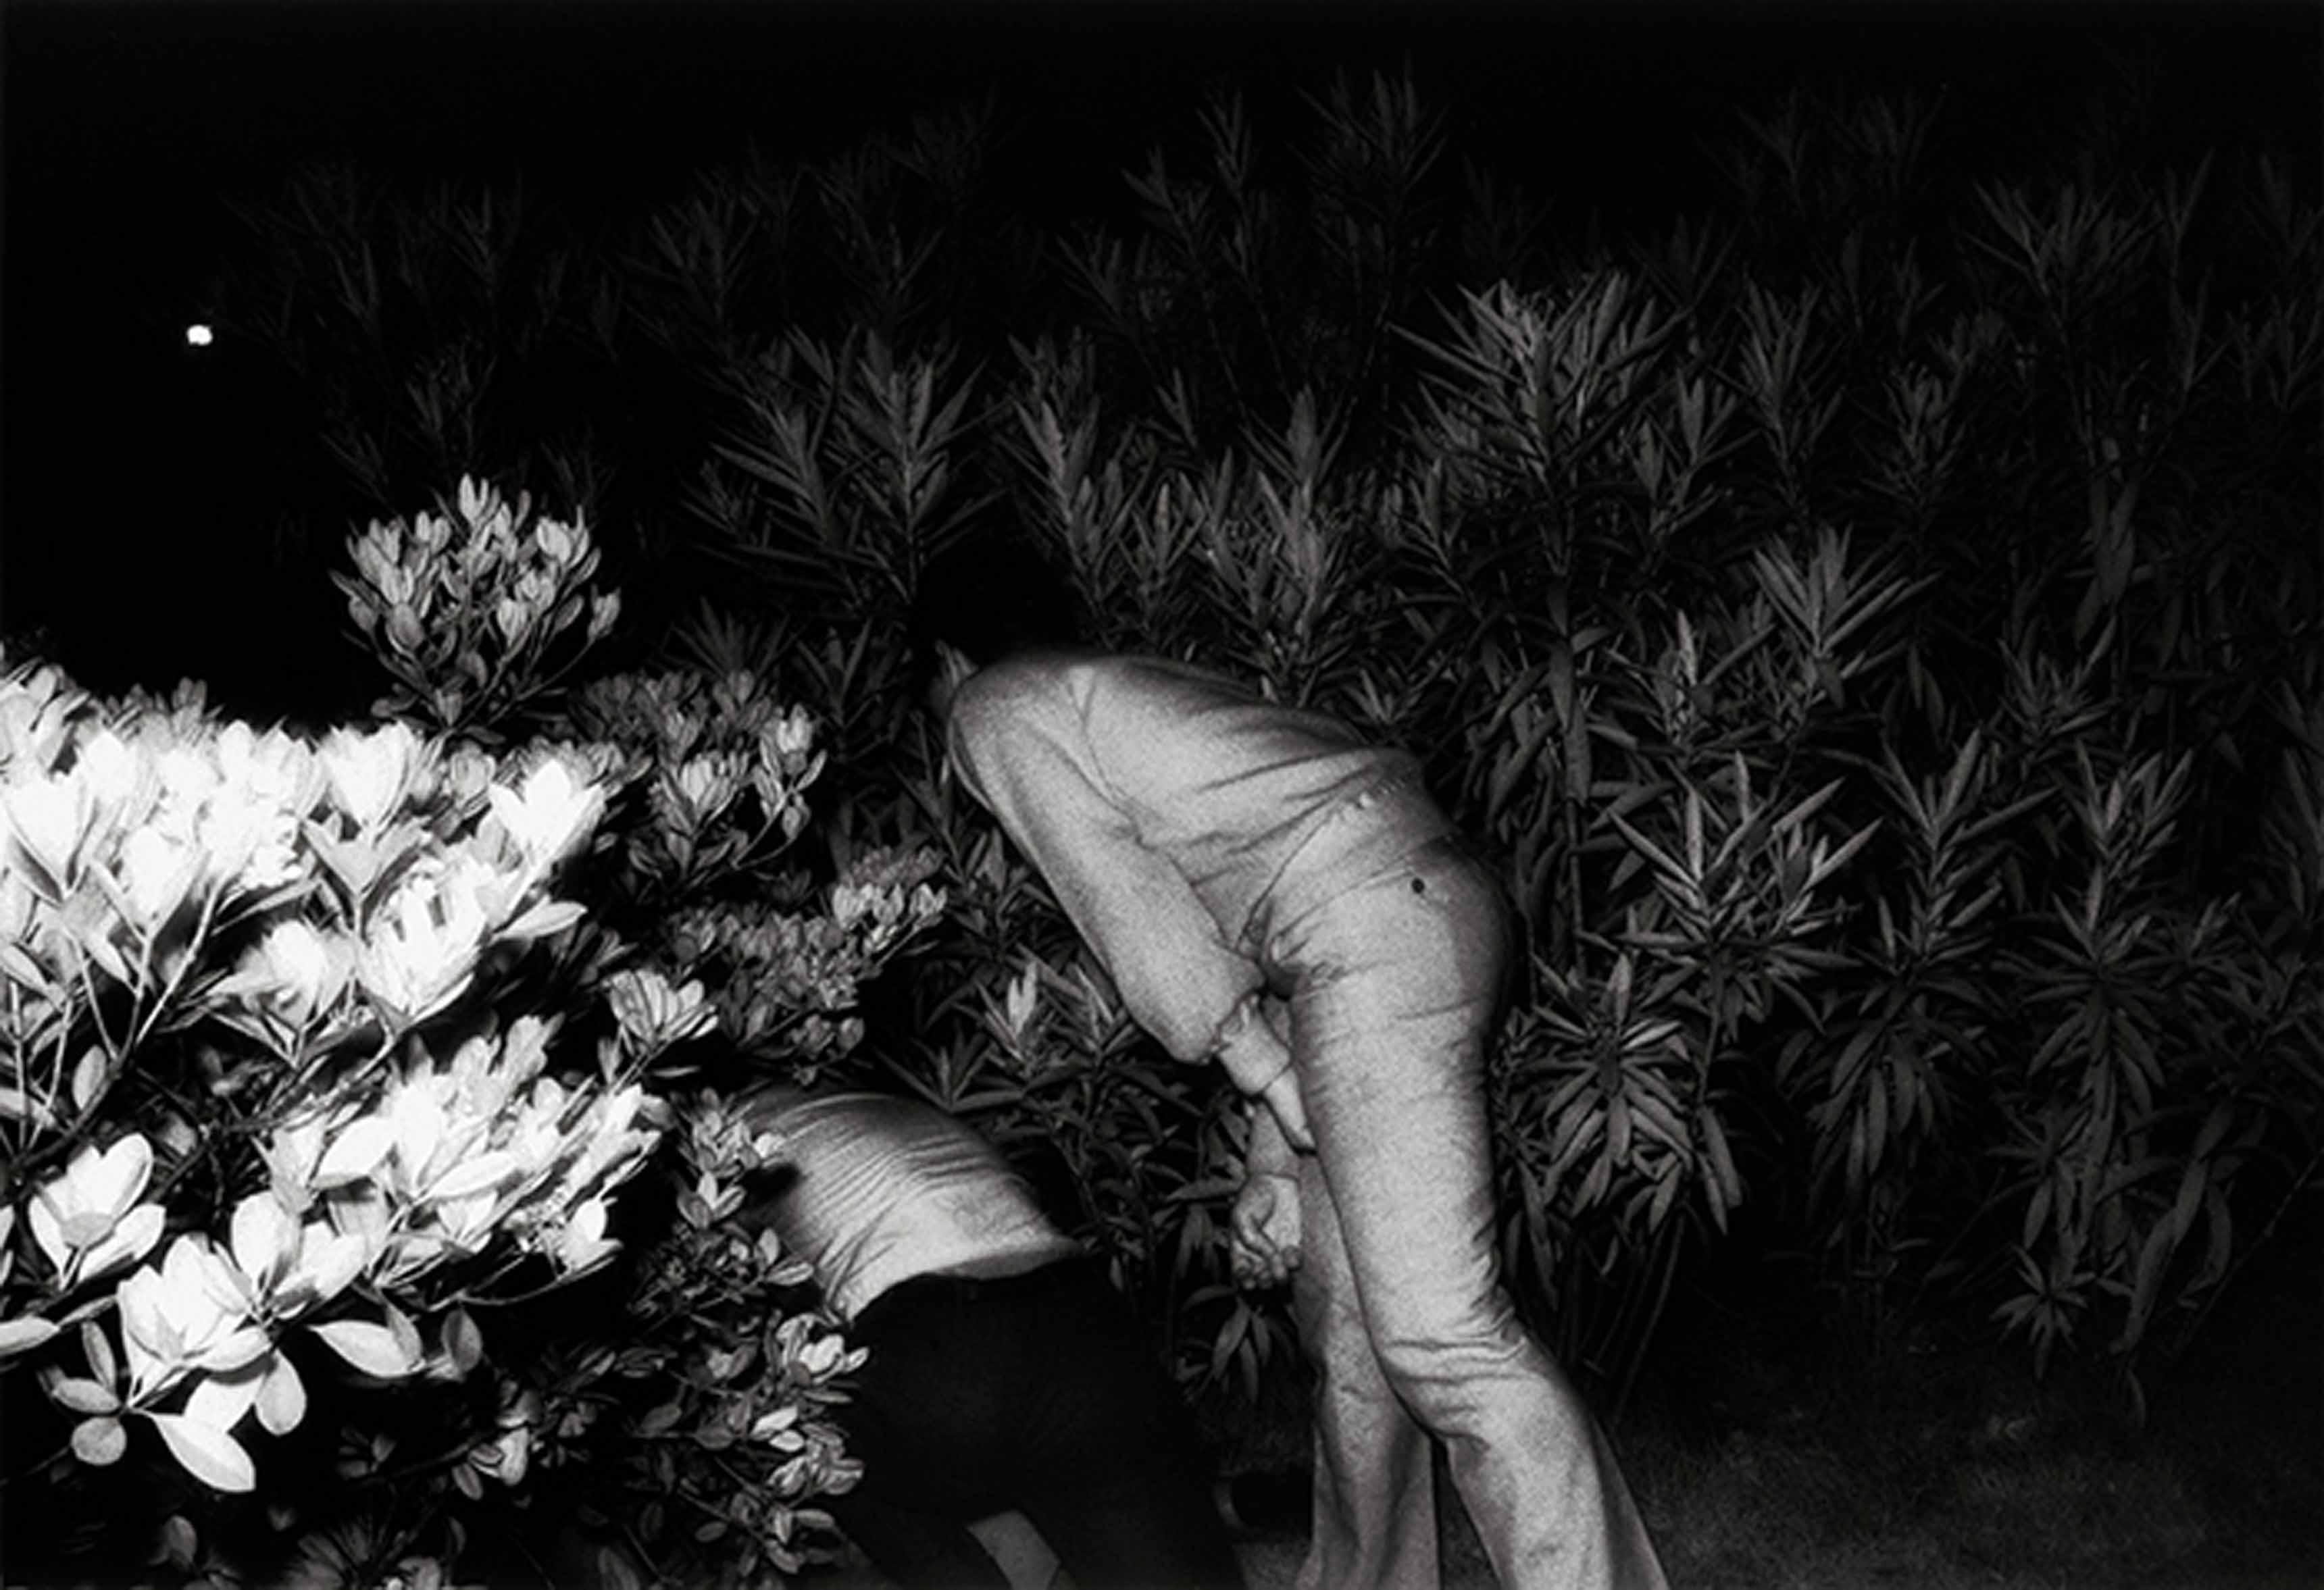 """Kohei Yoshiyuki (1946). Sans titre, séri """"The Park"""". Japon, 1971. Tirage argentique. 22,2 x 32,2 cm. Kohei Yoshiyuki, couresy Yossi Milo Gallery, New YorK."""